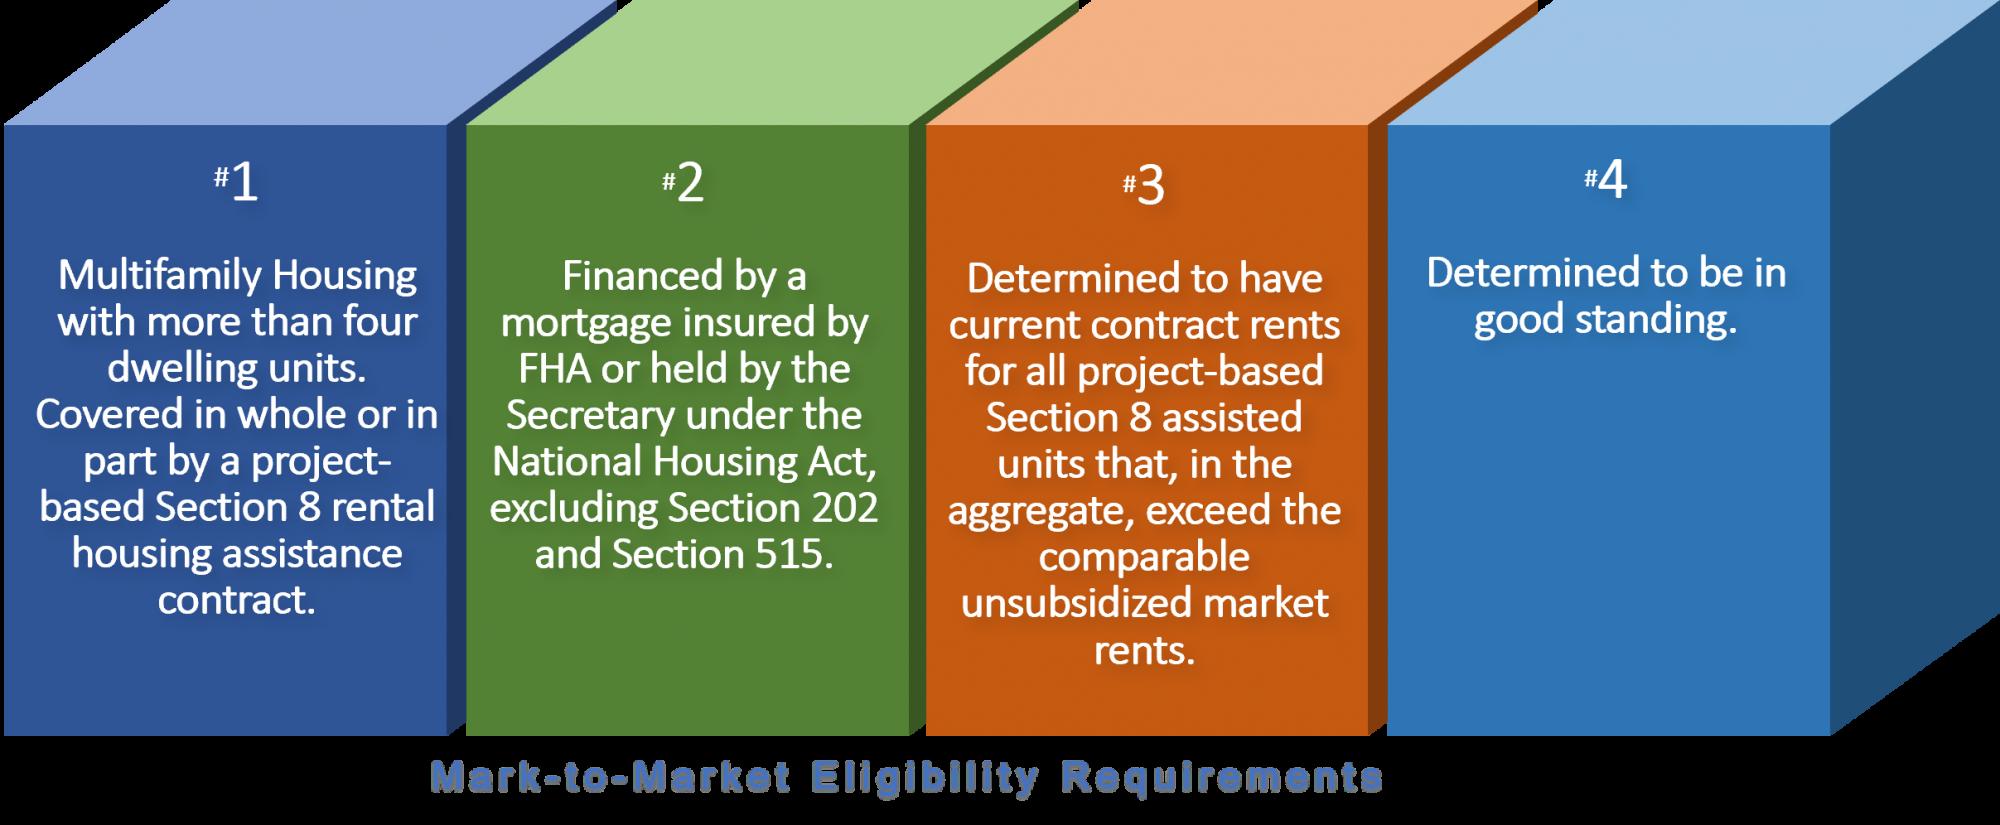 Diagram: Mark-to-Market Eligibility